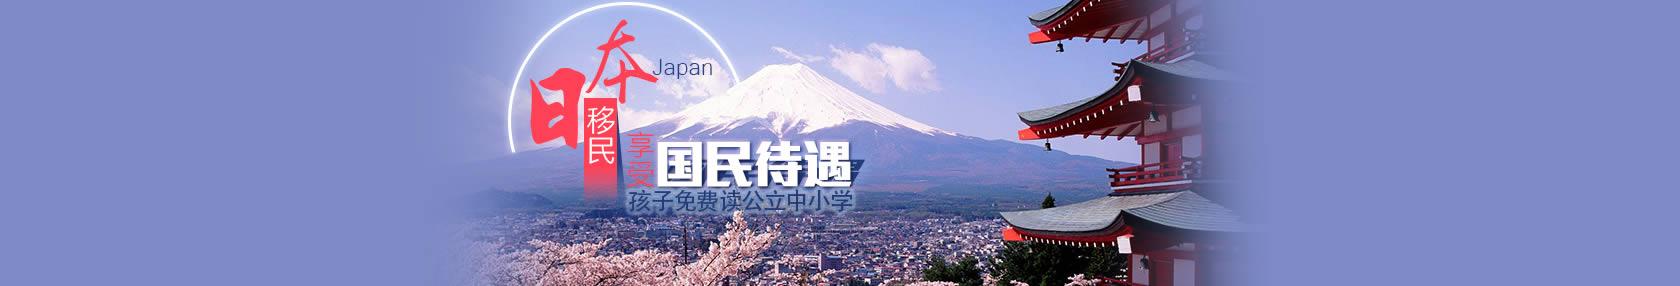 【环球移民】移民日本享受国民待遇,孩子免费上日本公立学校